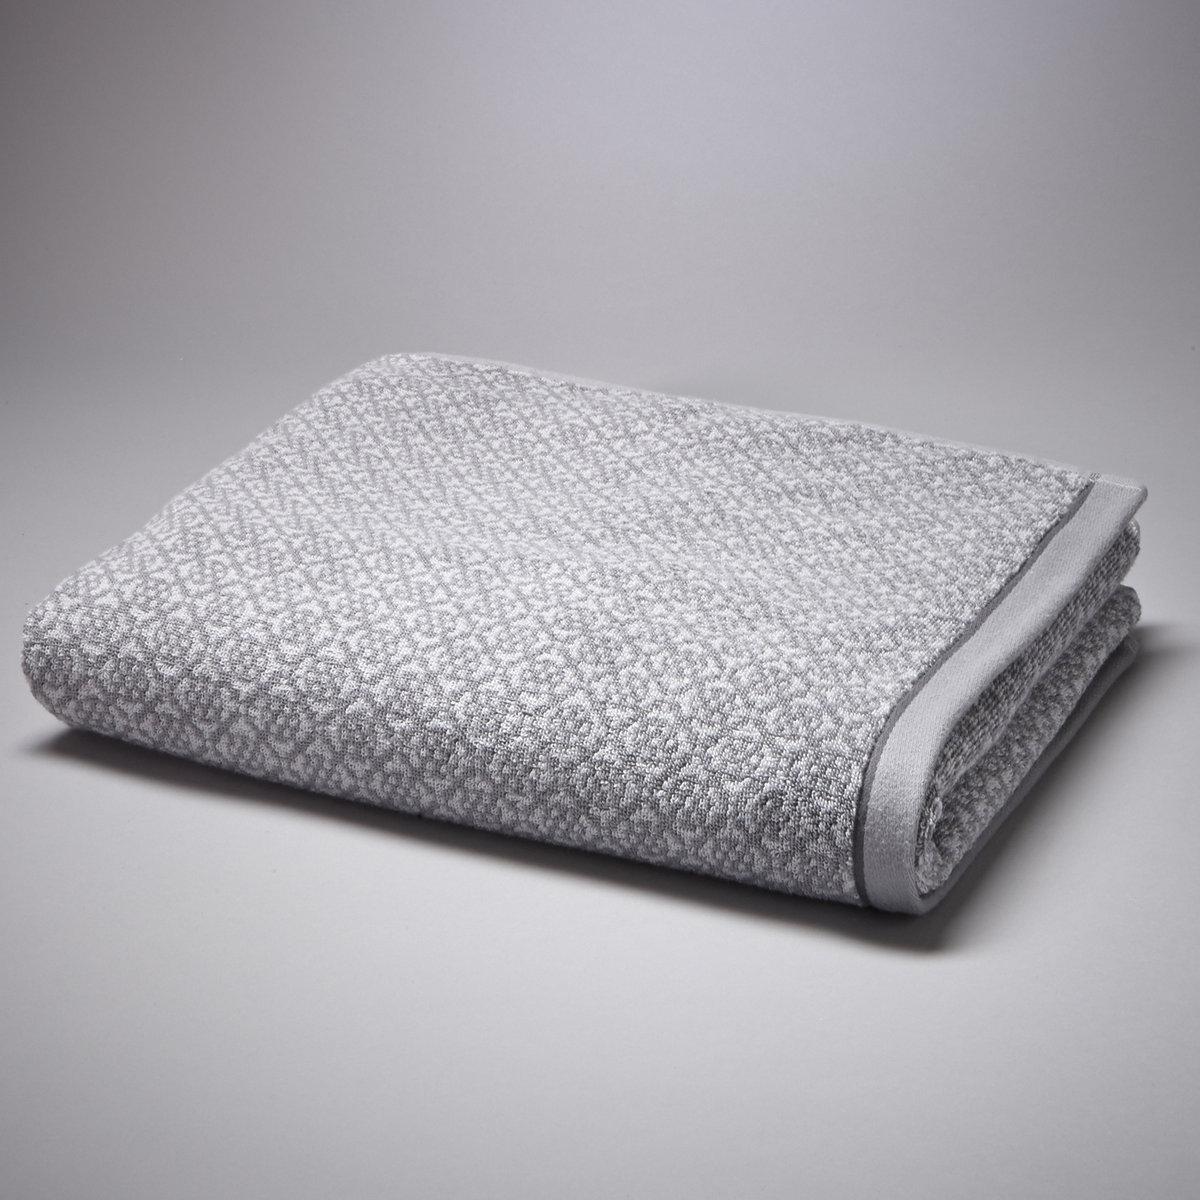 Полотенце банное АЗЮЛЬЖОЖаккардовое махровое полотенце 500 г/м?, 100% хлопка, ультравпитывающее, мягкое и пушистое, КАЧЕСТВО BEST.Контрастные мотивы в восточном стиле. Однотонные полоски по краю. Стирка при 60°.Размеры банного полотенца : 70 x 140 см.<br><br>Цвет: серый,синий